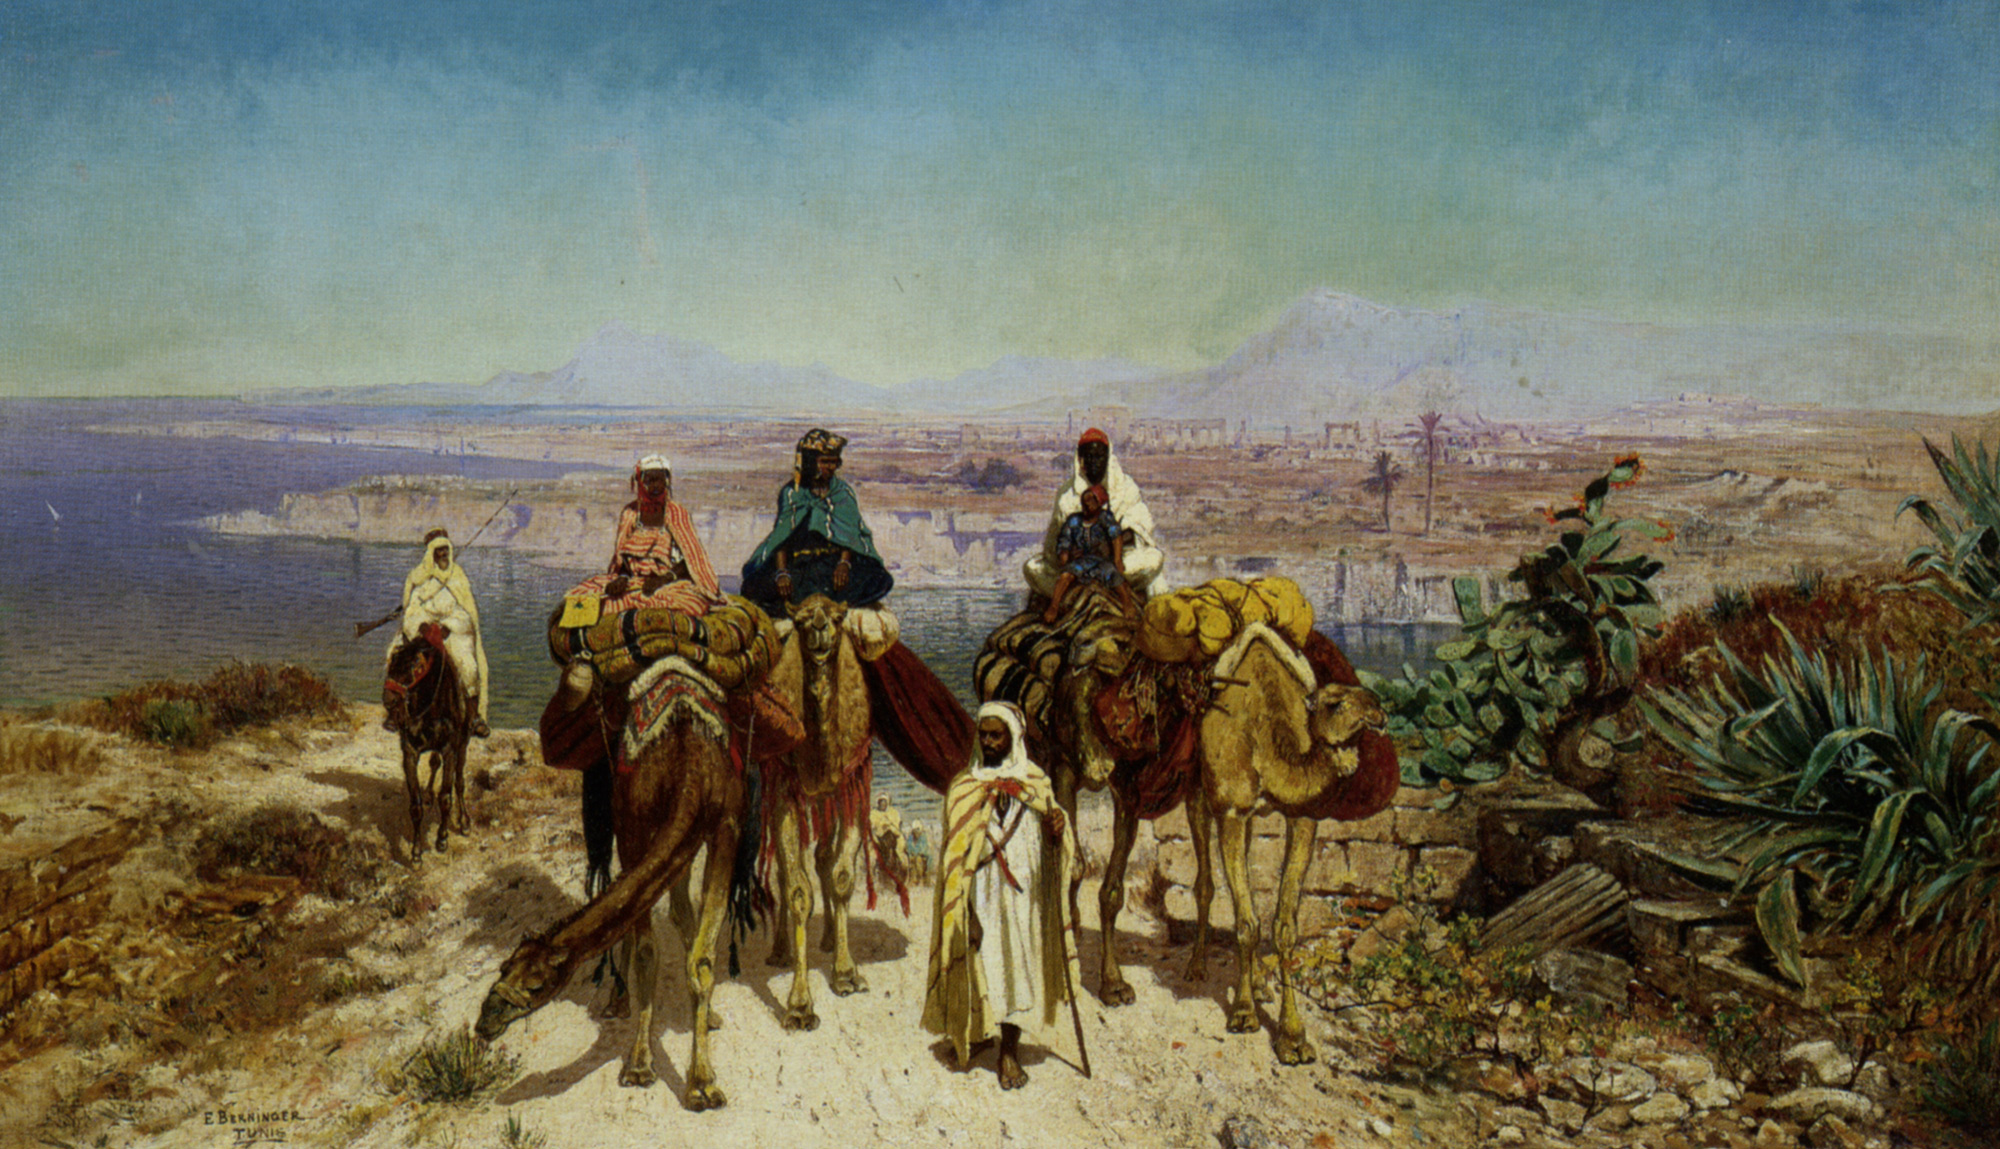 An Arab Caravan :: Edmund Berninger - scenes of Oriental life (Orientalism) in art and painting ôîòî